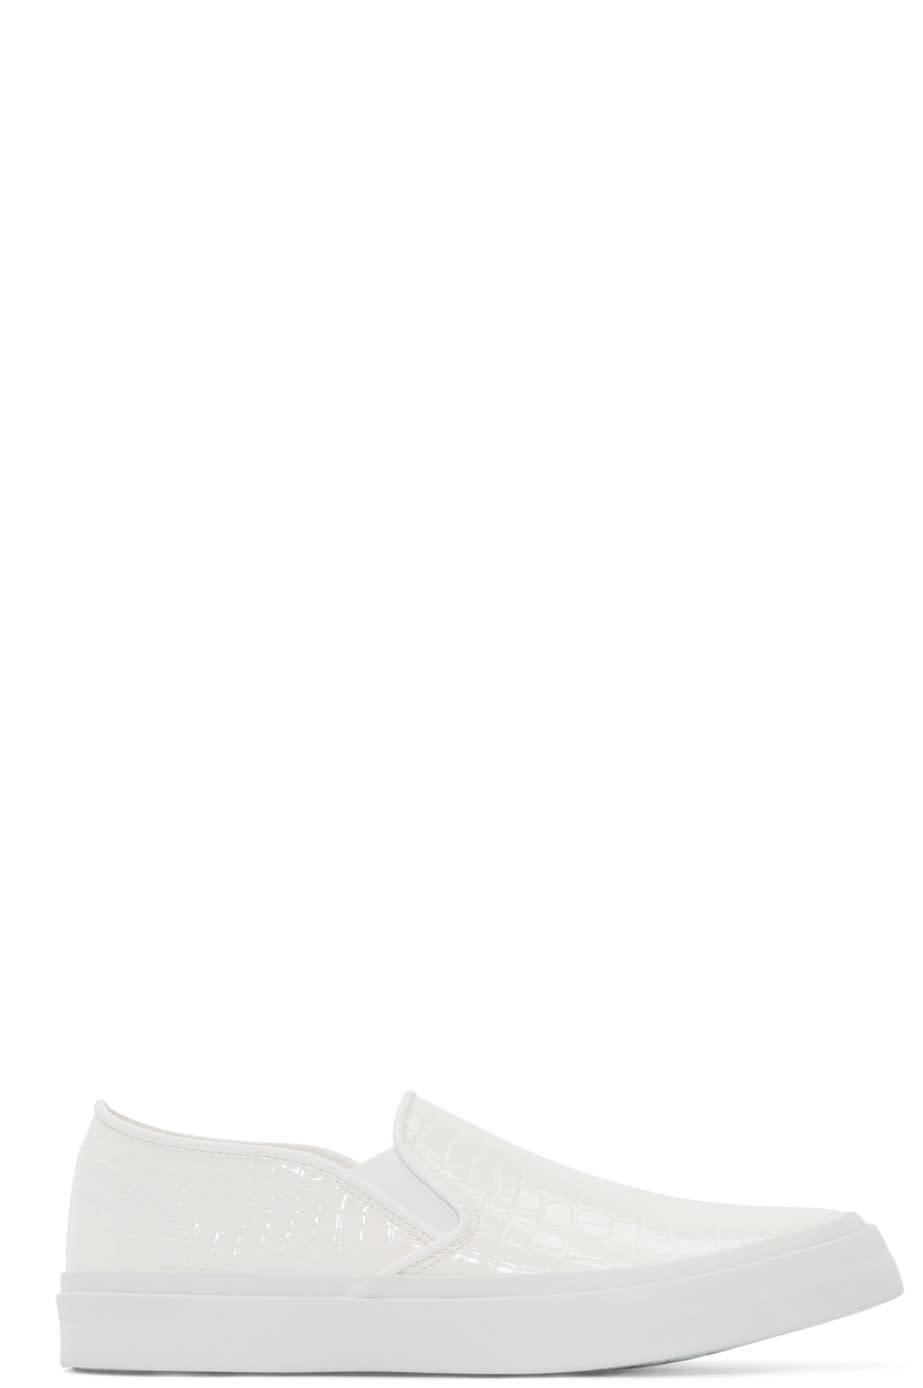 Junya Watanabe White Croc-embossed Slip-on Sneakers